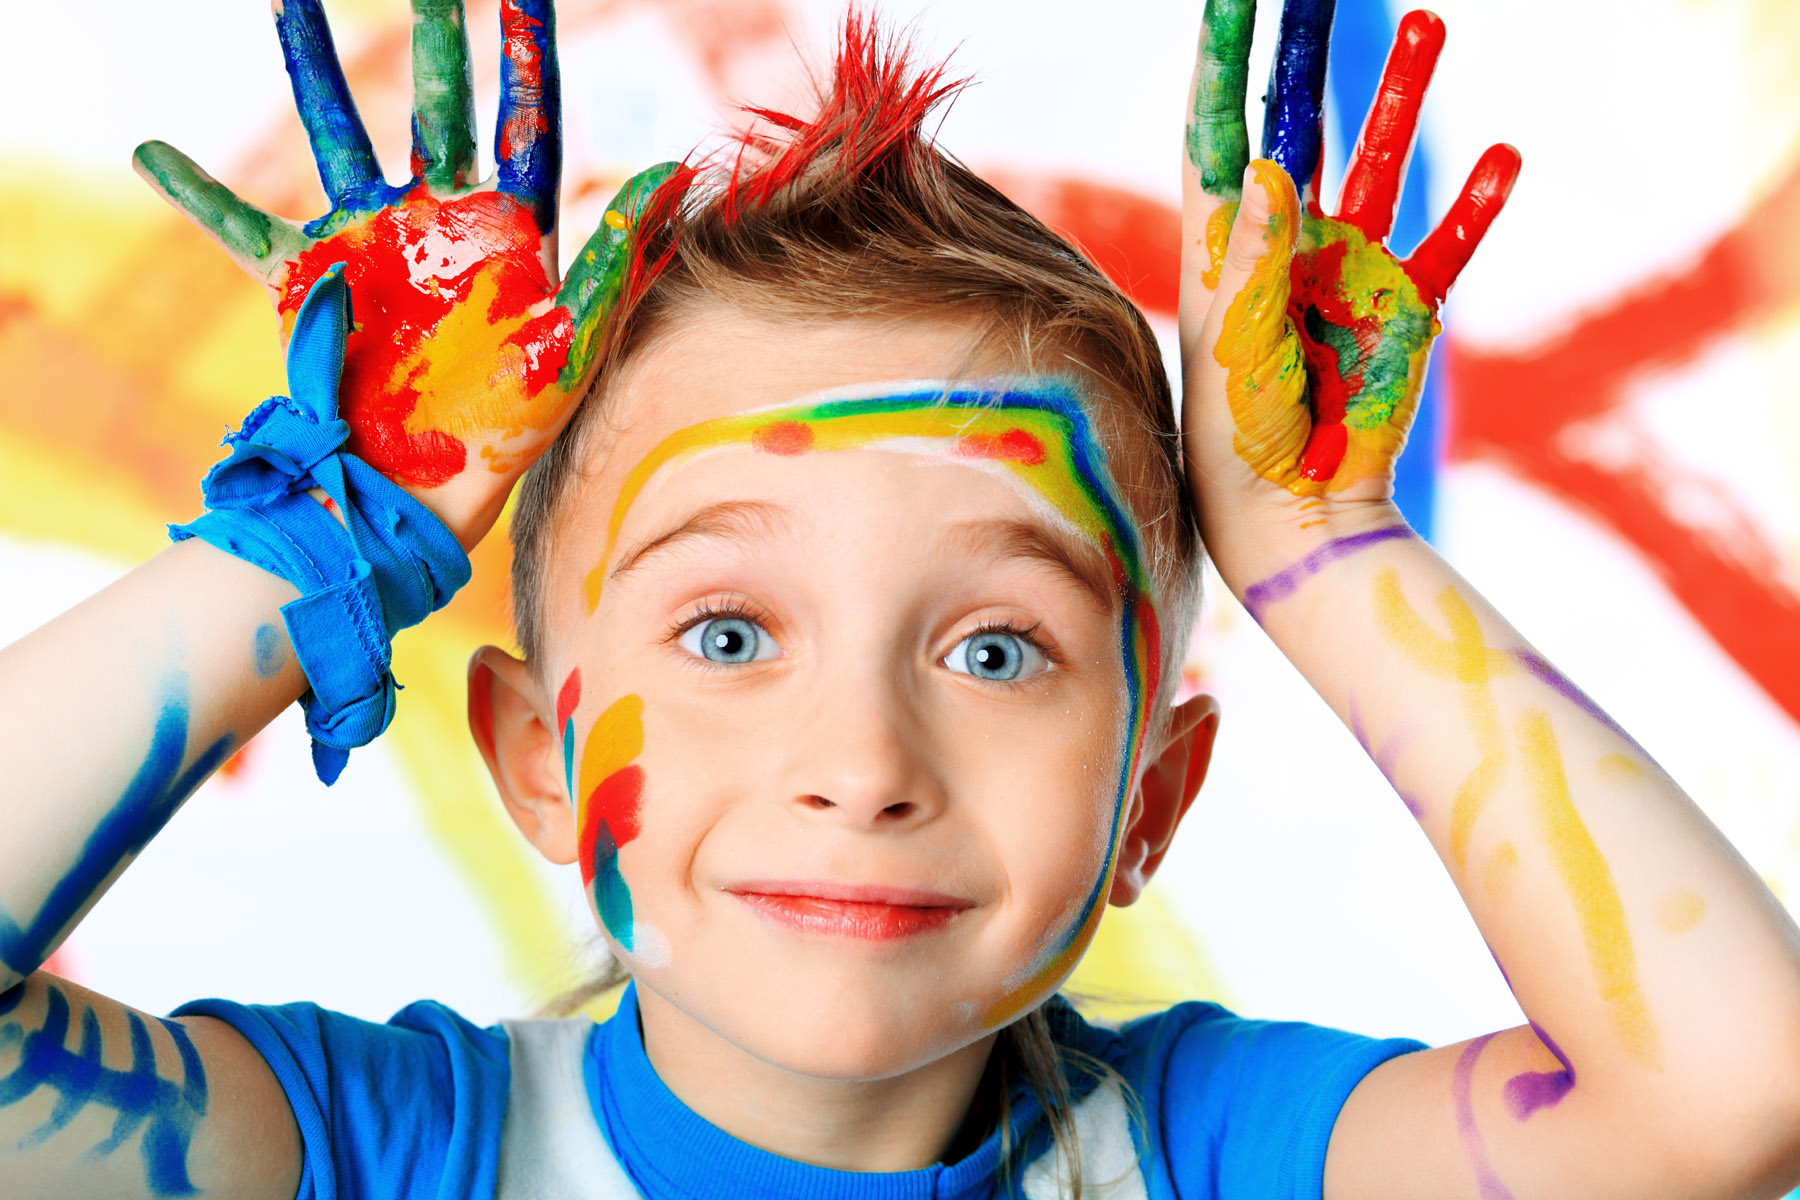 اجمل صور أطفال